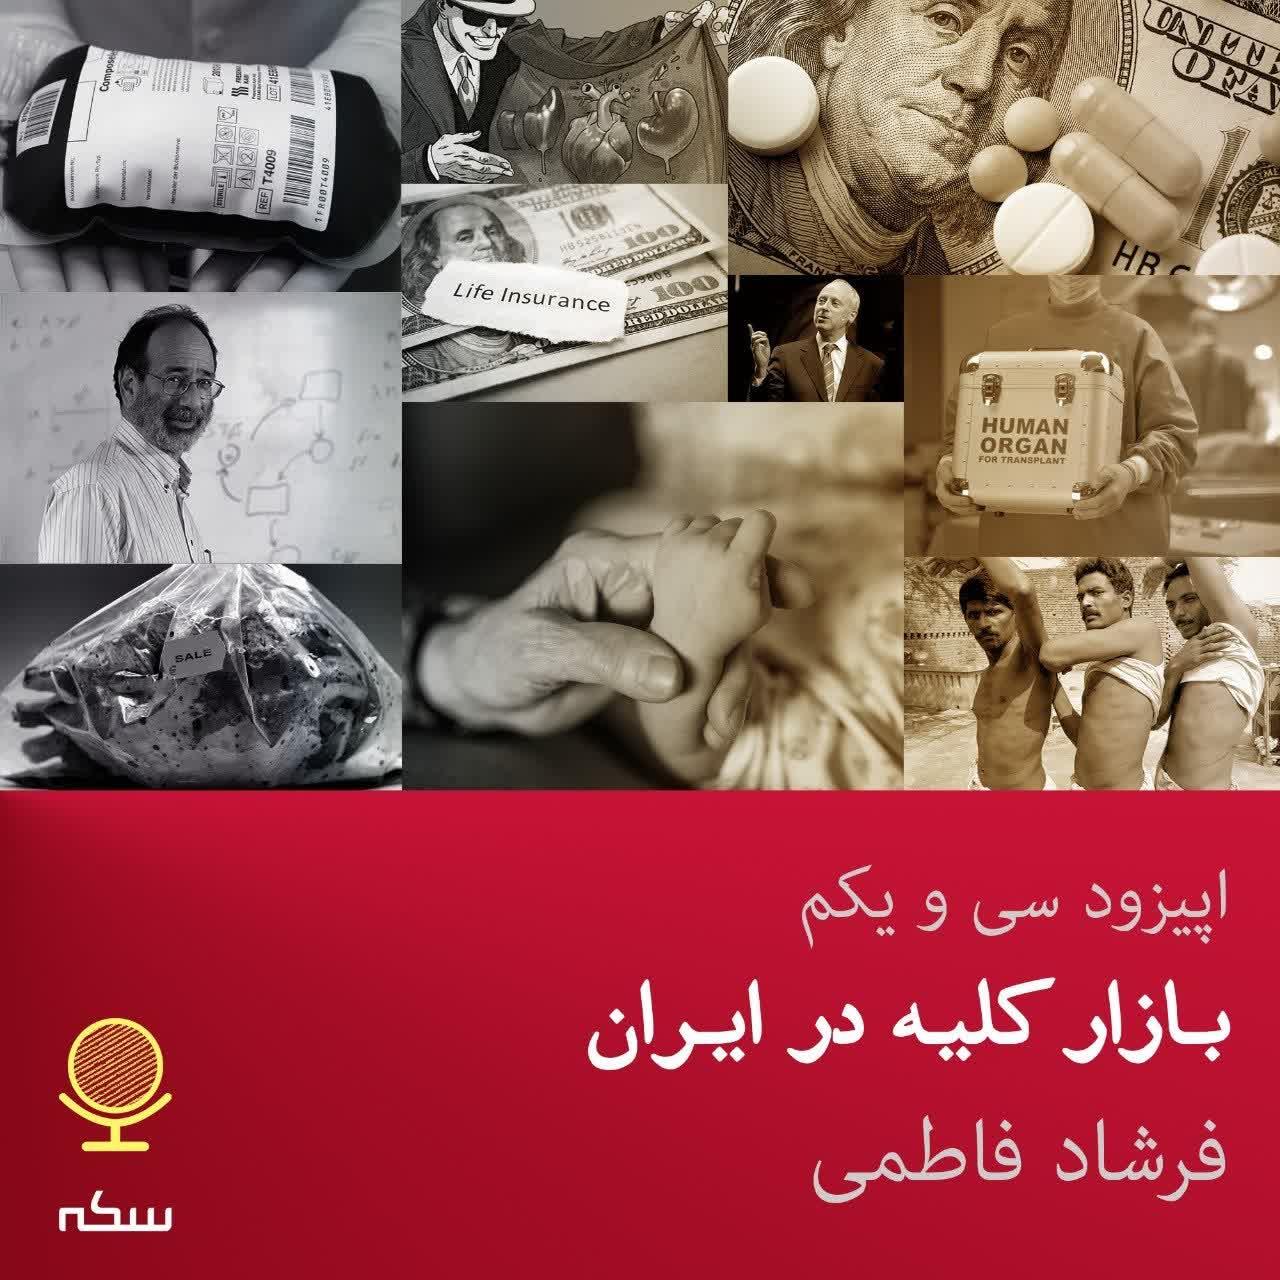 بازار کلیه در ایران